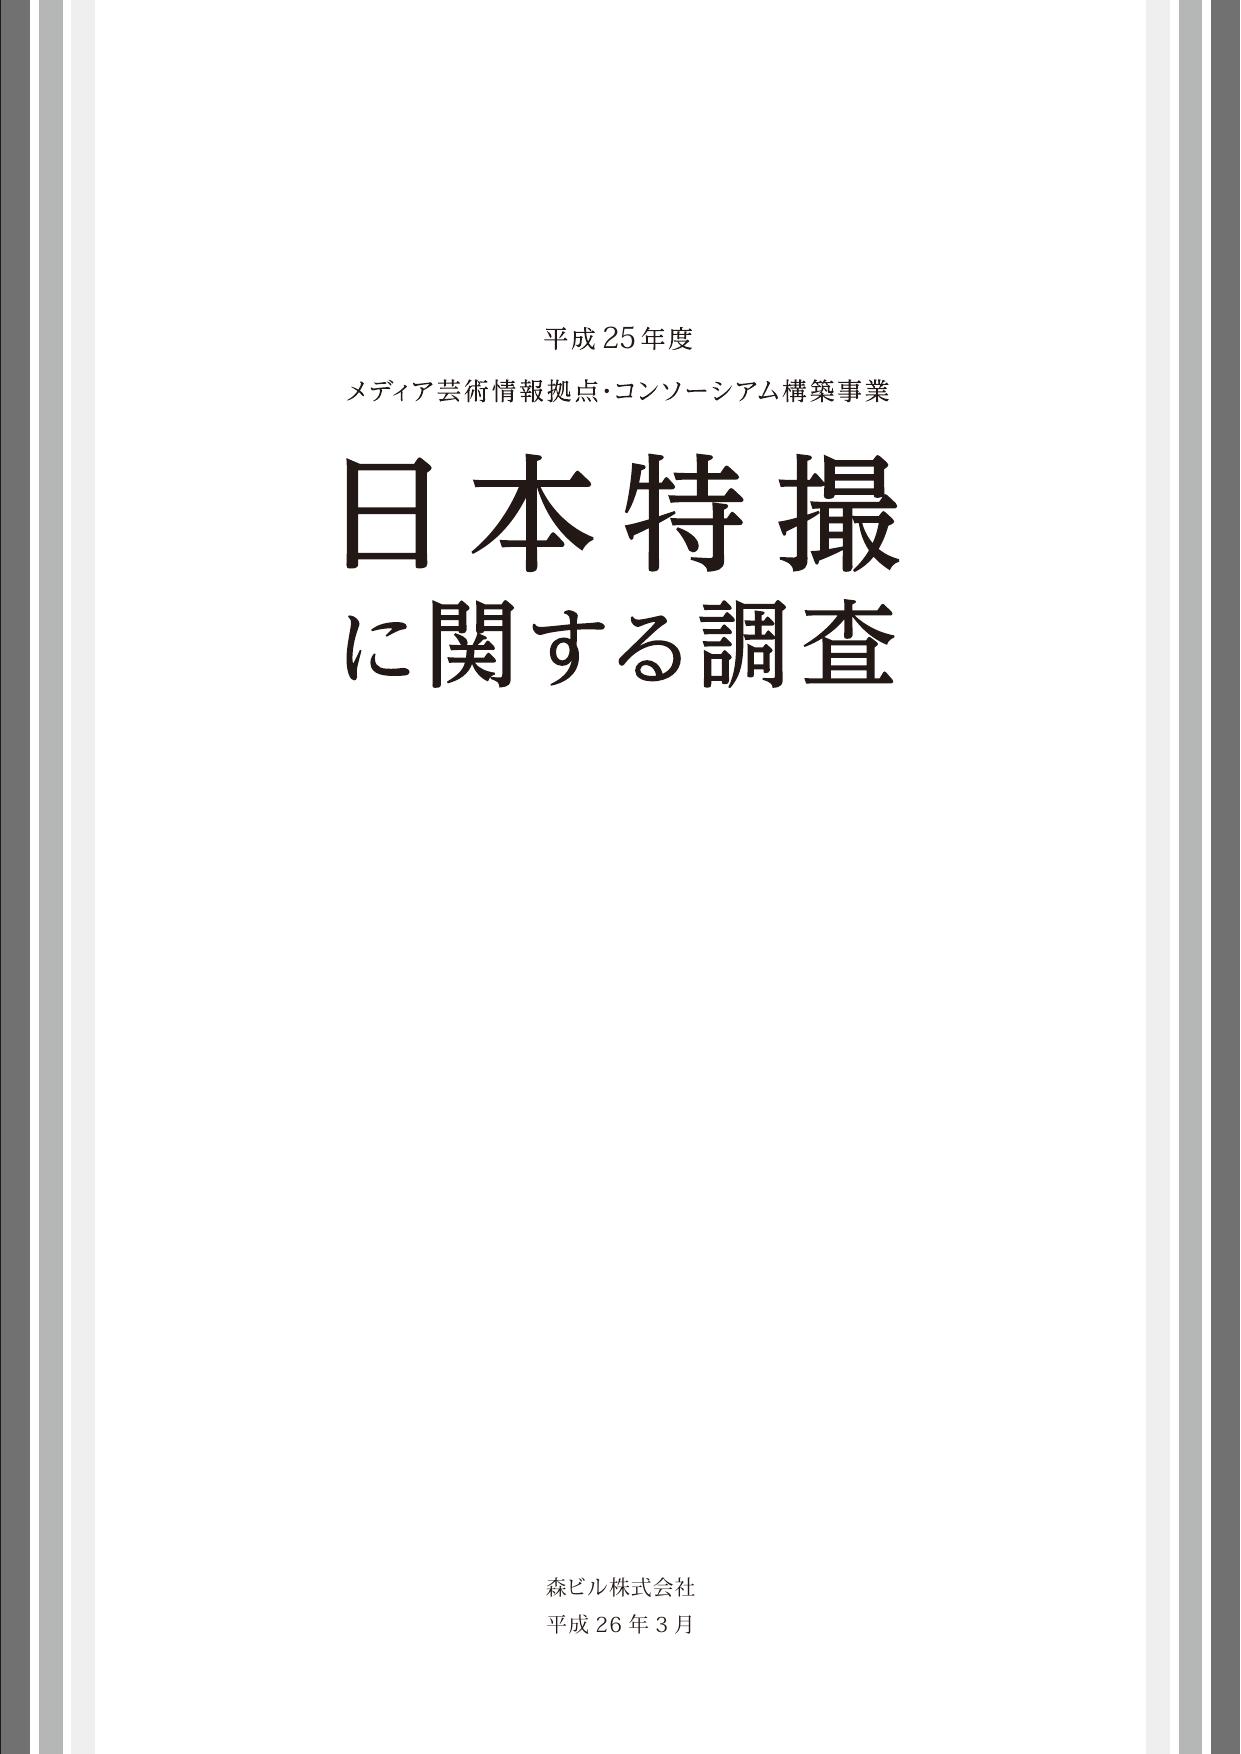 森ビル株式会社 平成 26 年 3 月